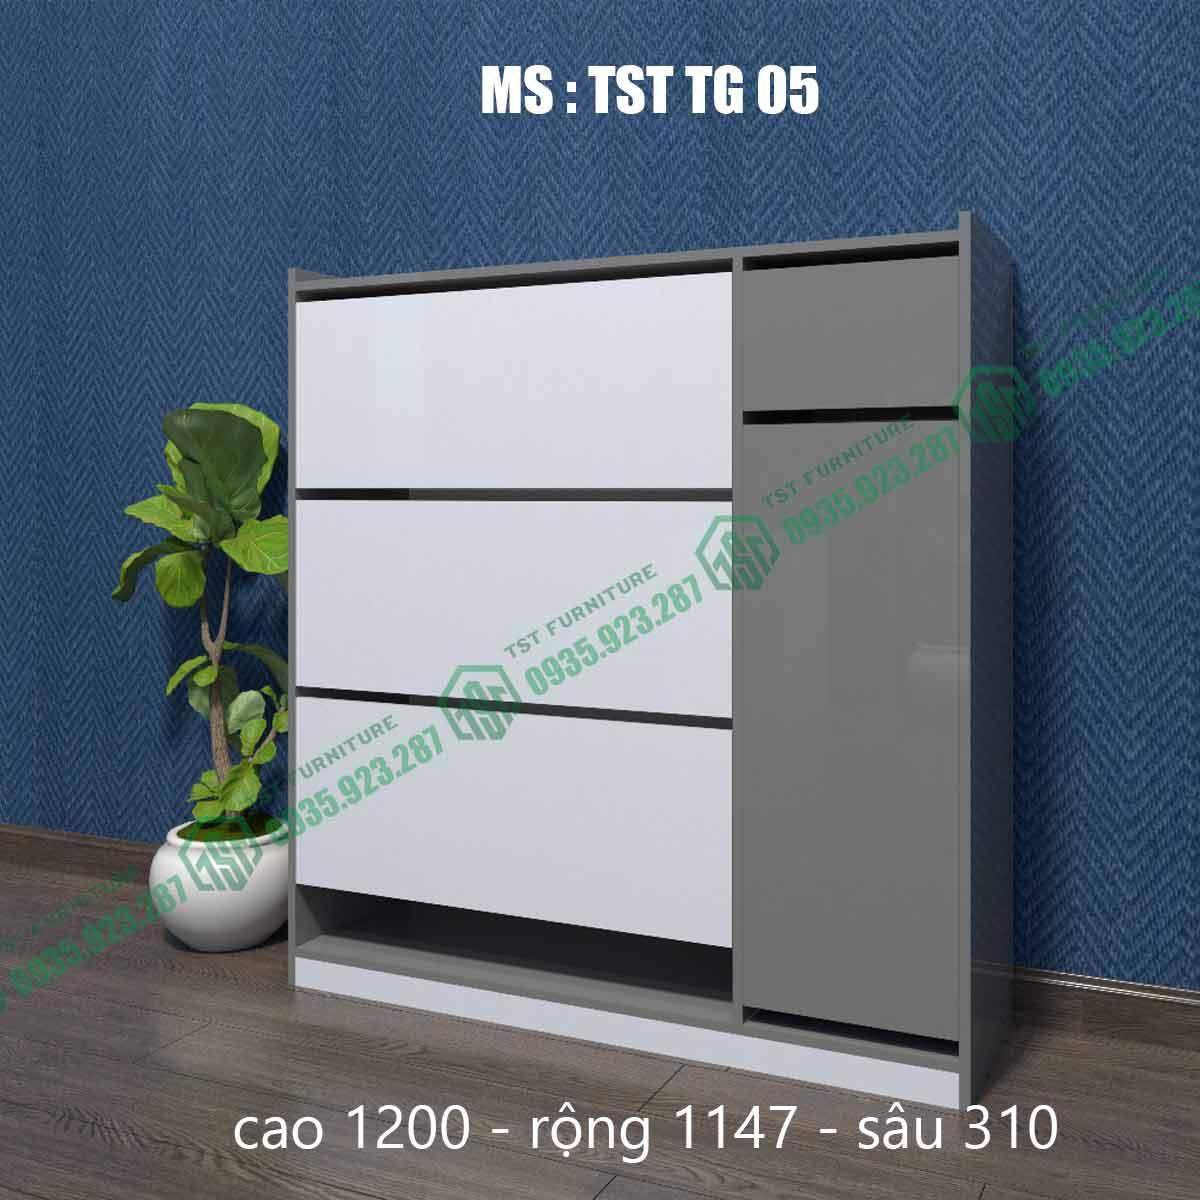 Nội Thất Nhựa TST là công ty sản xuất nội thất nhựa số 1 tại đà nẵng